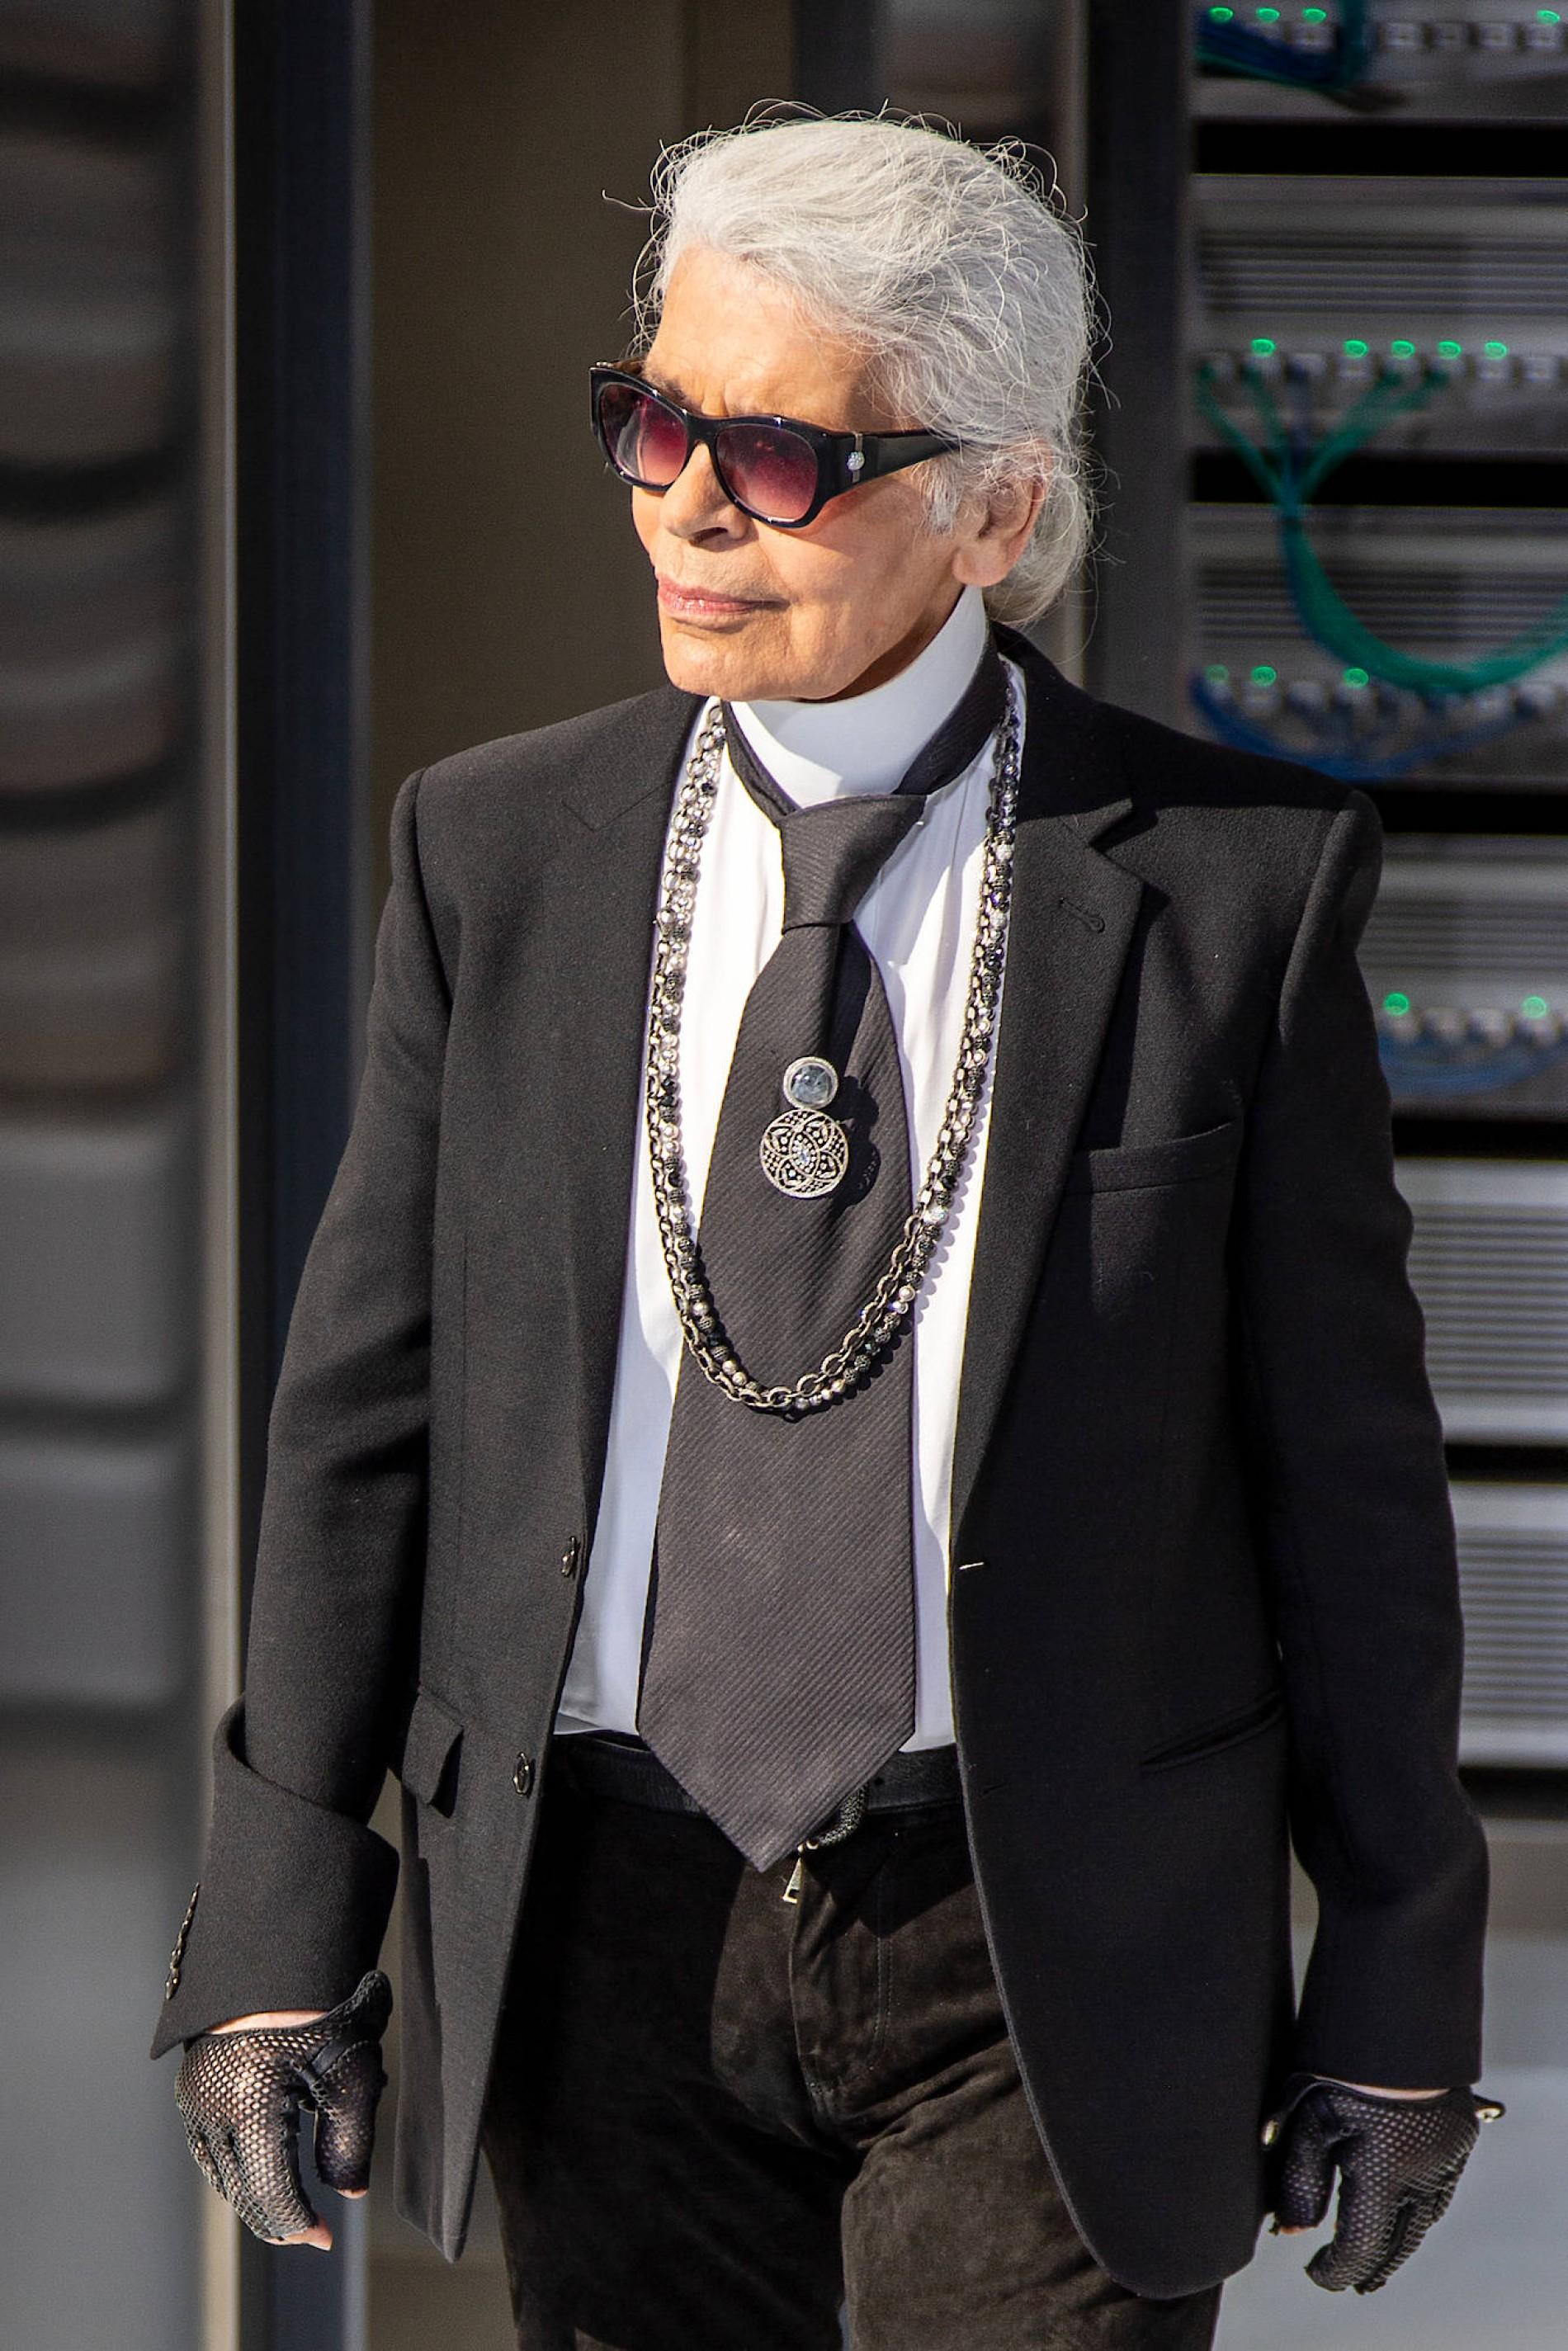 Karl Lagerfeld Die Besten Zitate Des Verstorbenen Modeschöpfer